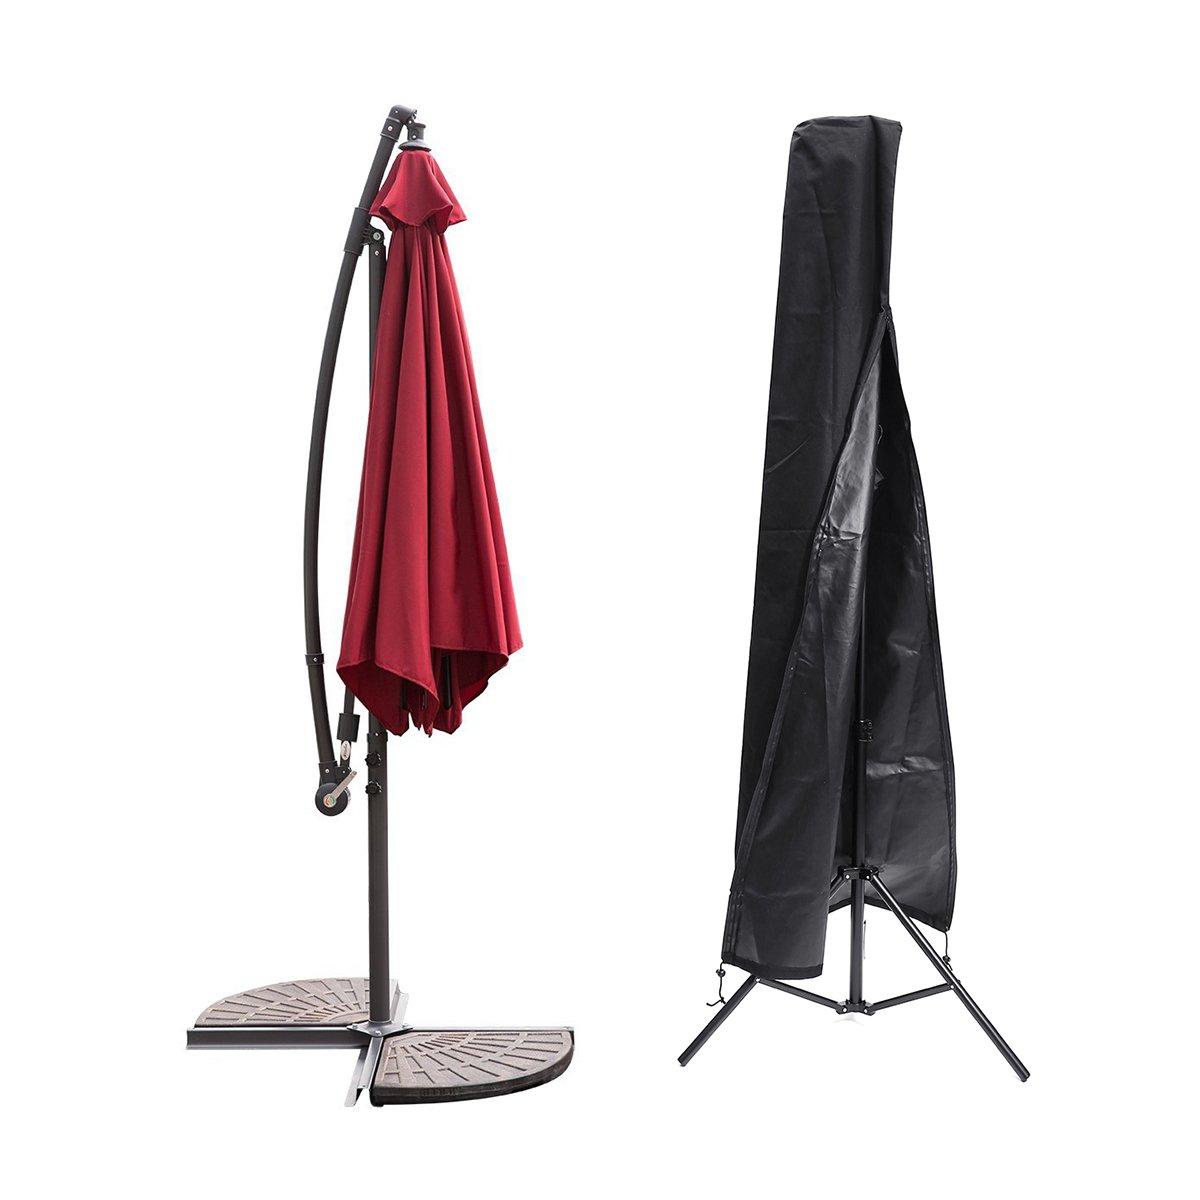 Essort Fodera Protettiva Per Ombrellone Impermeabile, Custodia Protettiva Nera per Ombrellone Adatto per Ombrelloni da Giardino, Copertura dell'ombrello del Patio all'aperto, 189cm × 57.5cm × 26cm